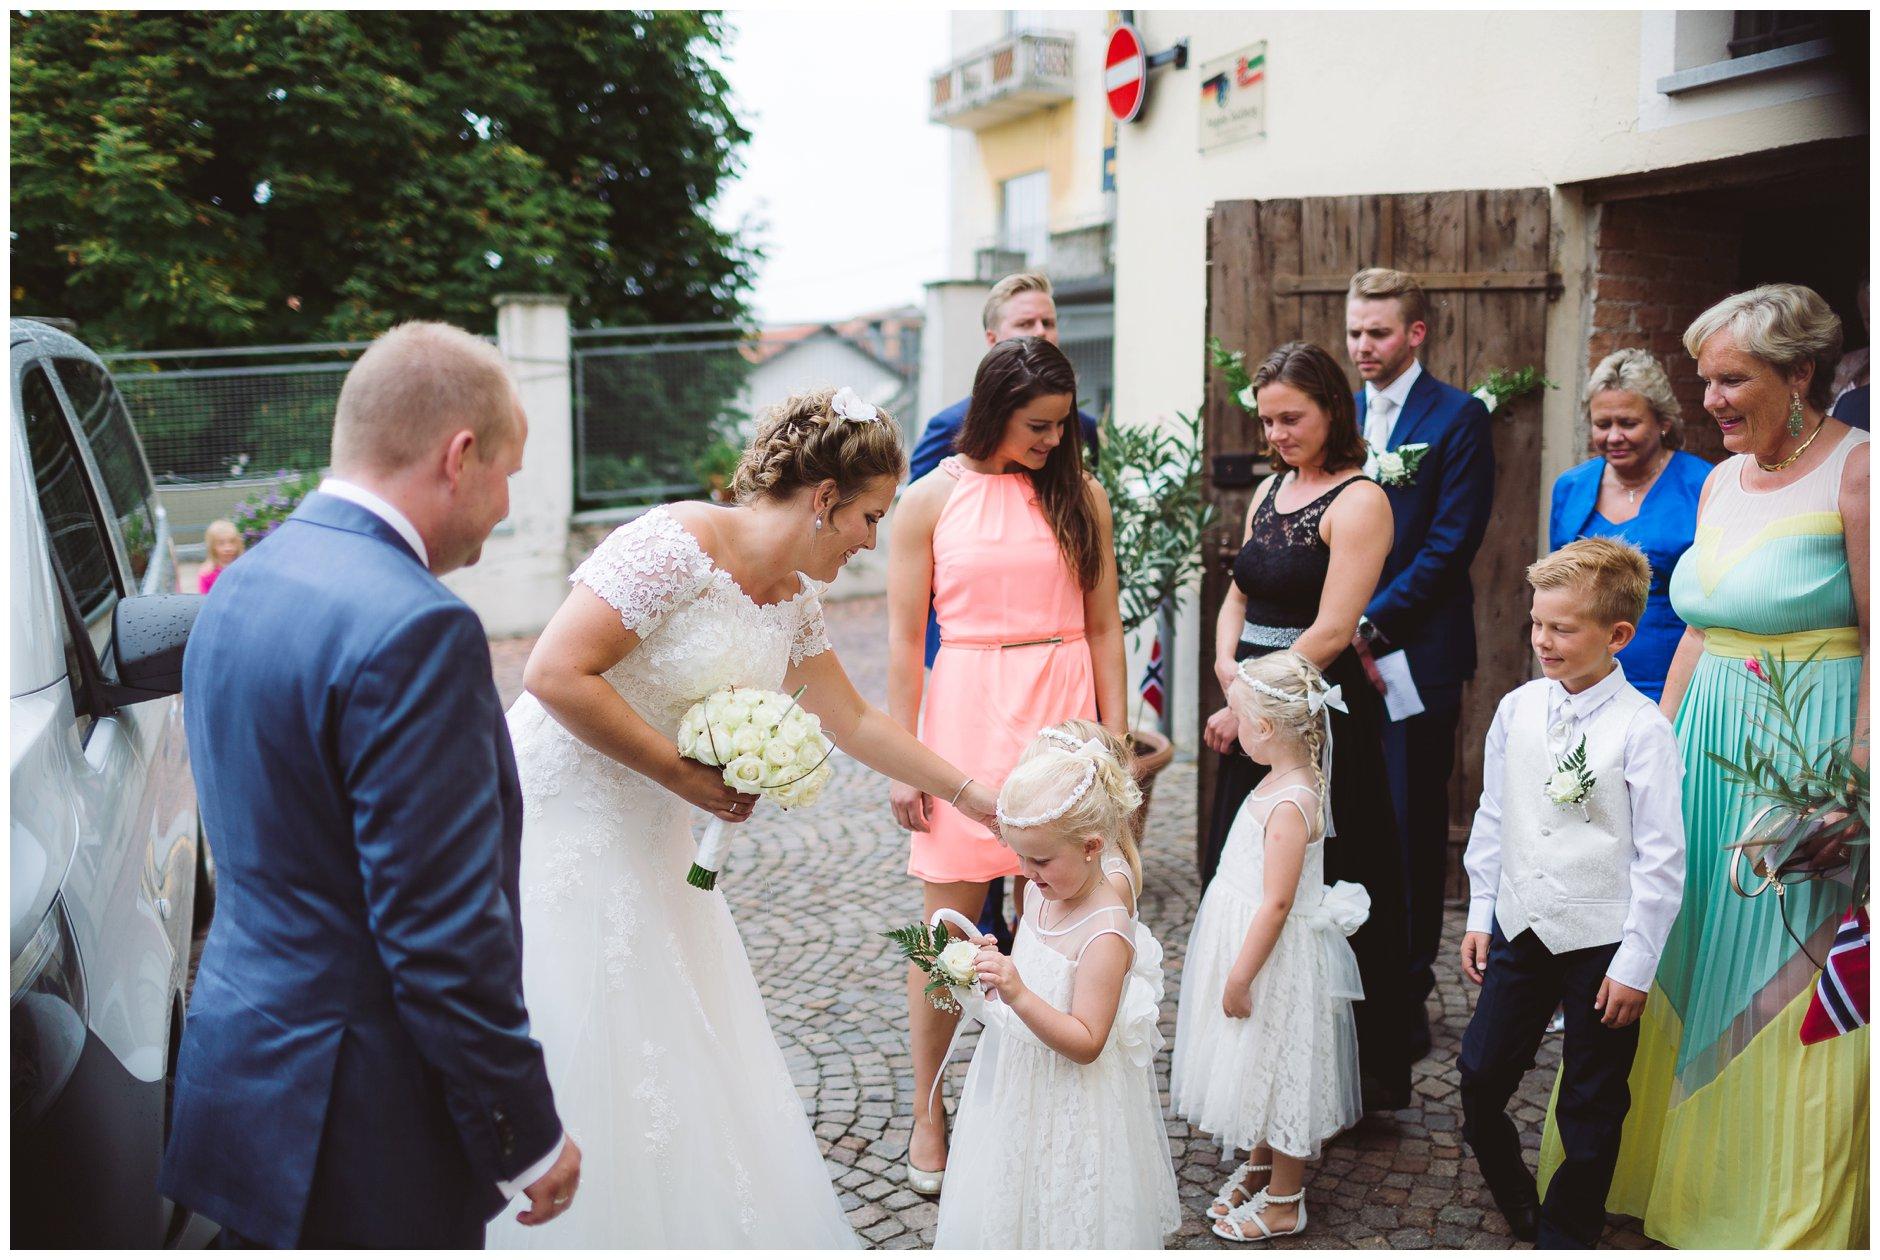 Fotograf-Eline-Jacobine-Bryllup-Ane-og-Børge_0075